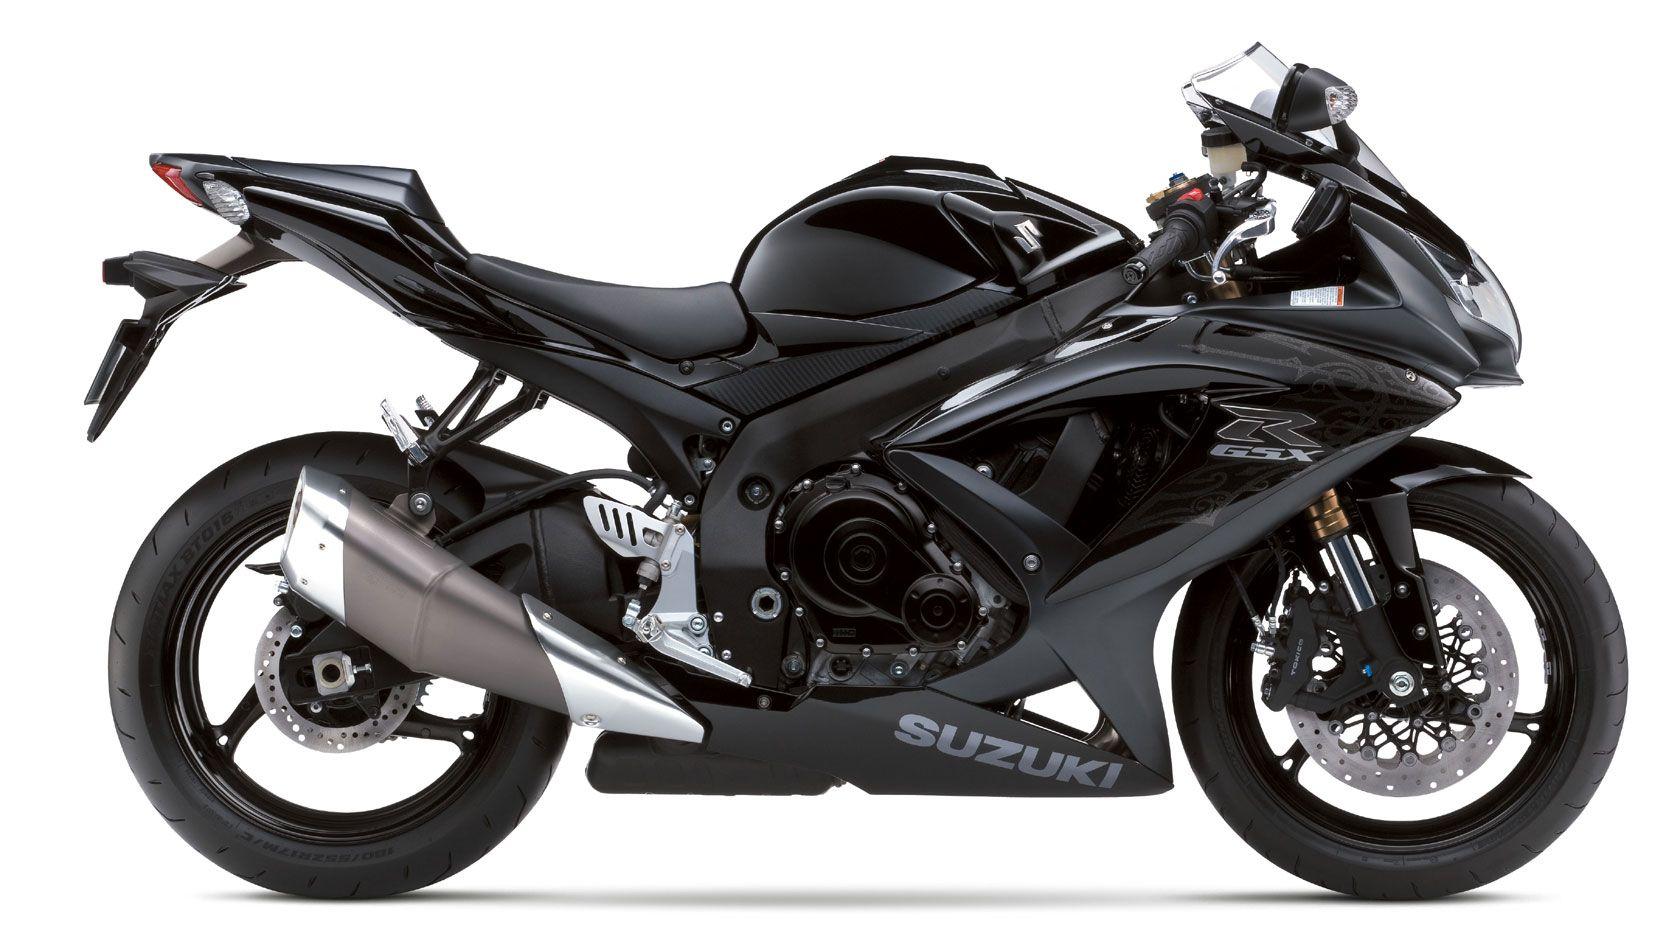 2009 suzuki gsx r600 motorcycle